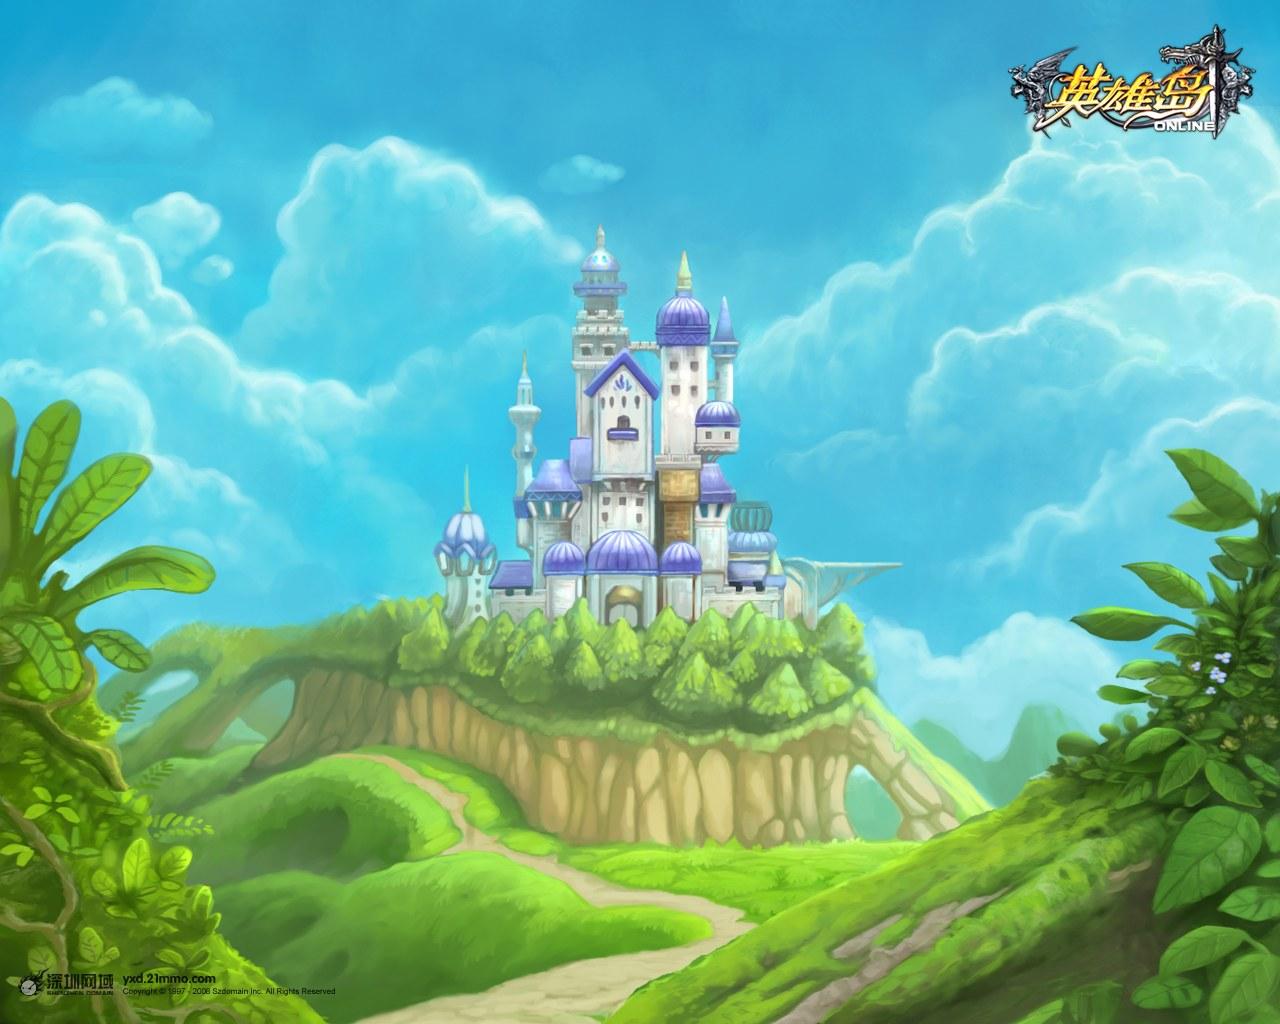 Hình nền dễ thương của Anh Hùng Đảo Online - Ảnh 3